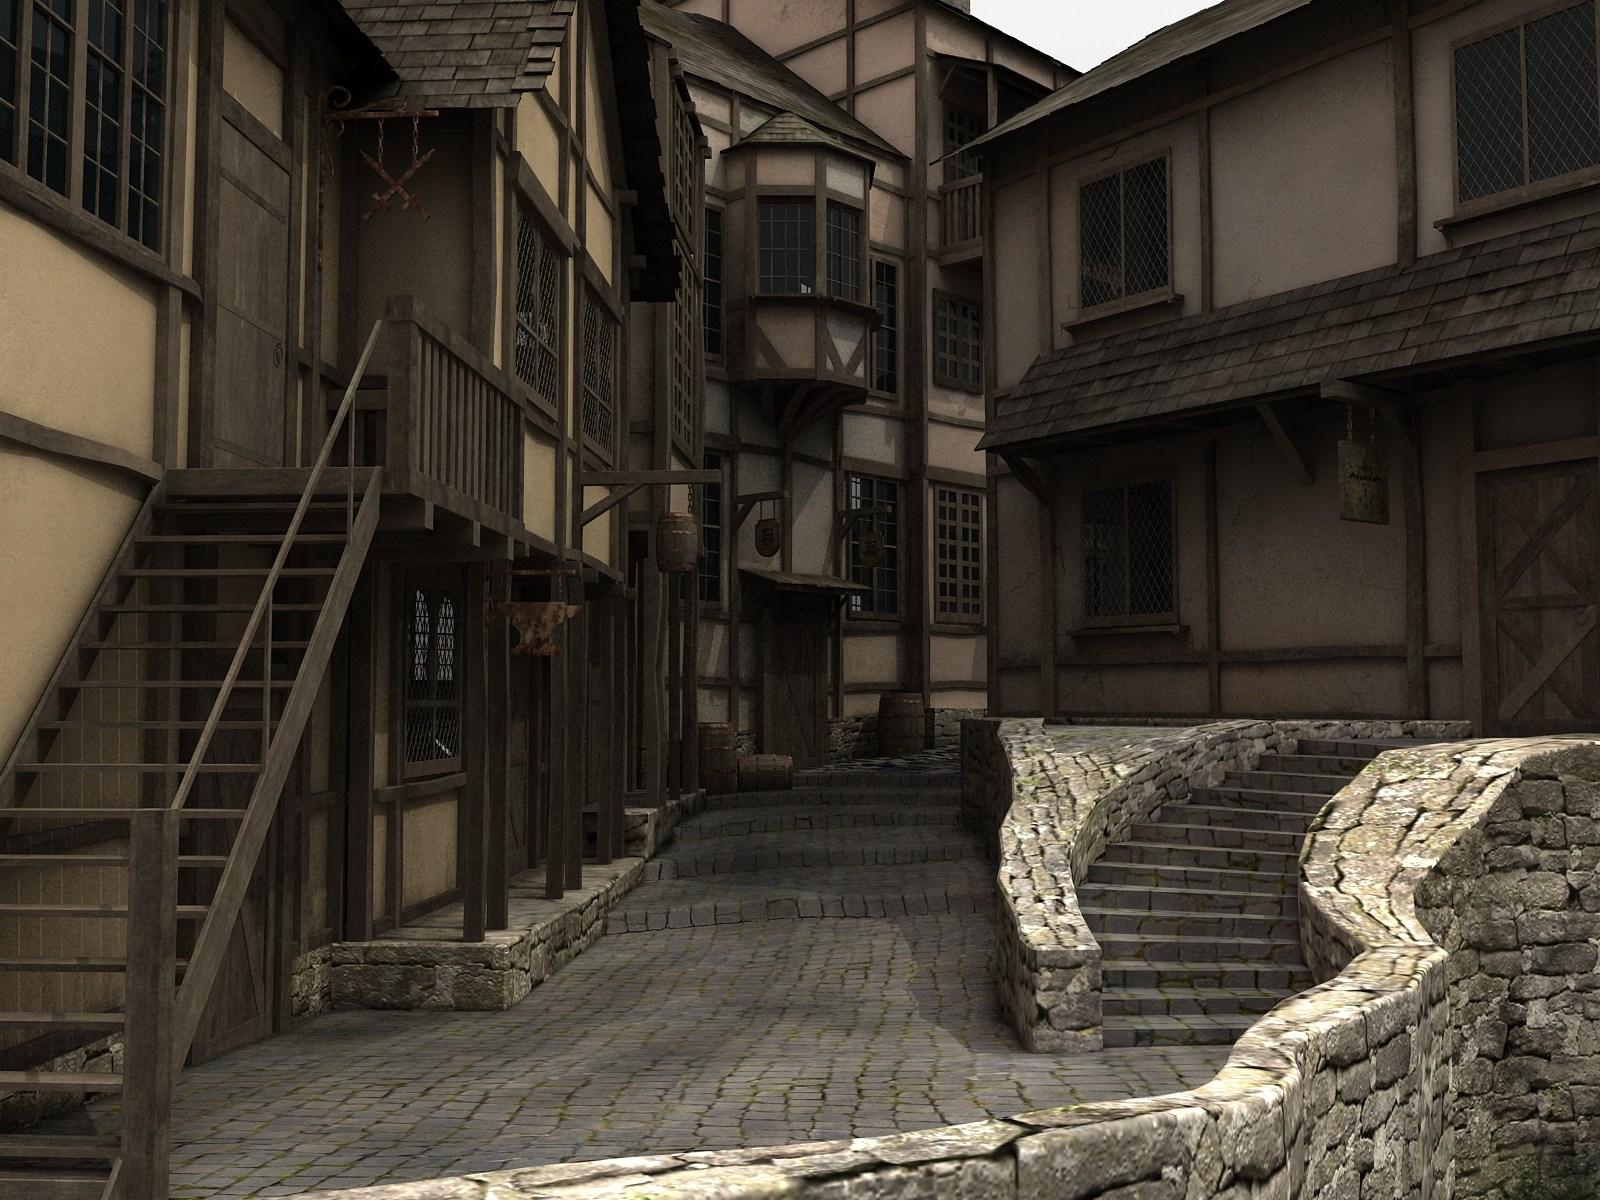 Fantasy street